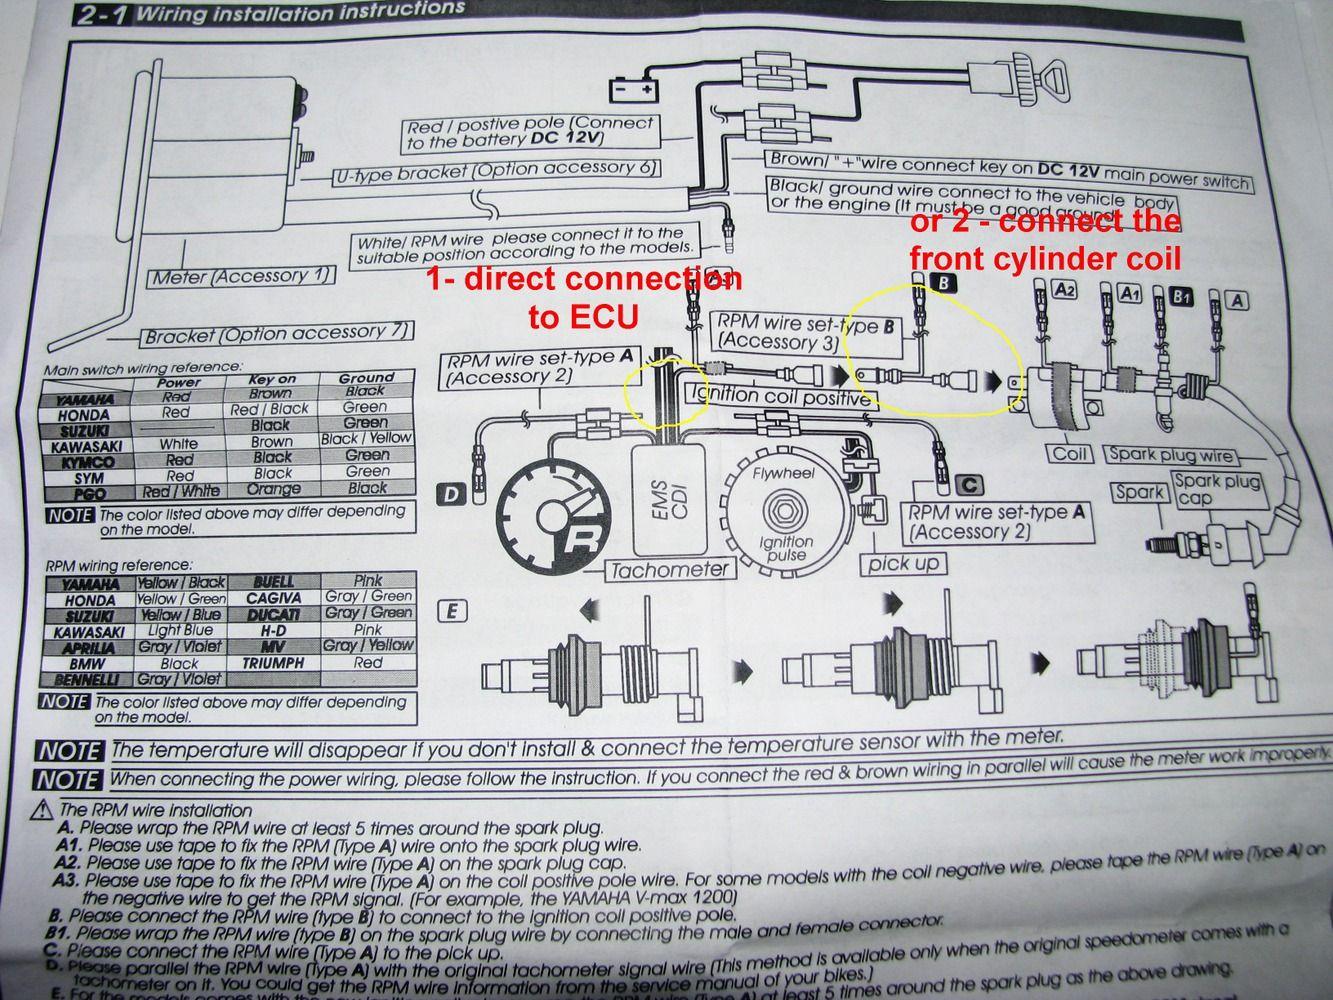 koso tach install koso rpm bullet journal notebook office supplieskoso tach install [ 1333 x 1000 Pixel ]